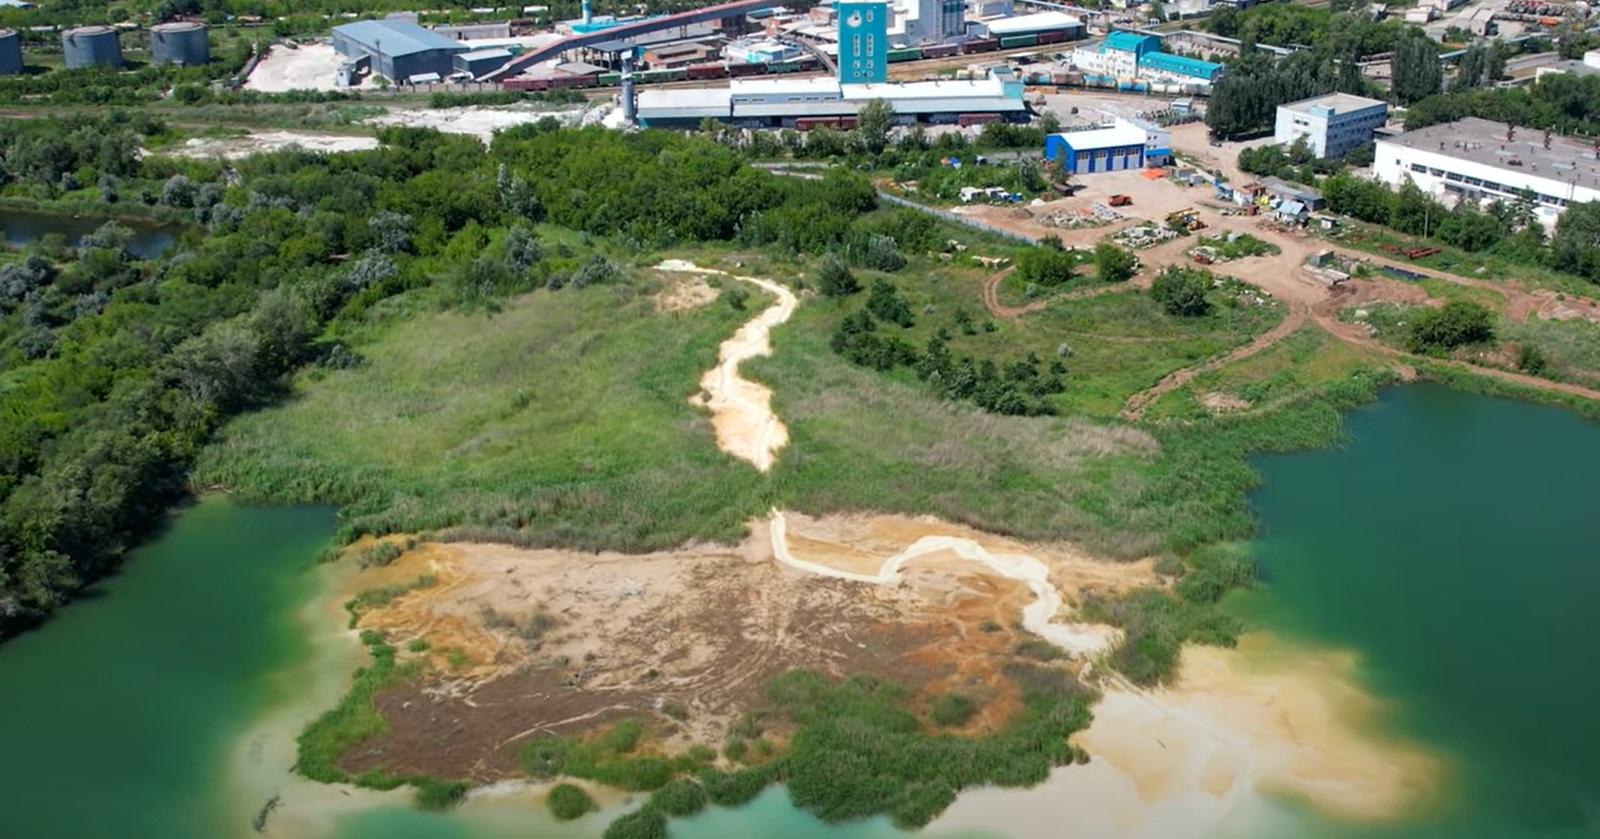 В Кировском районе Самары незаконная свалка причинила огромный урон экологии